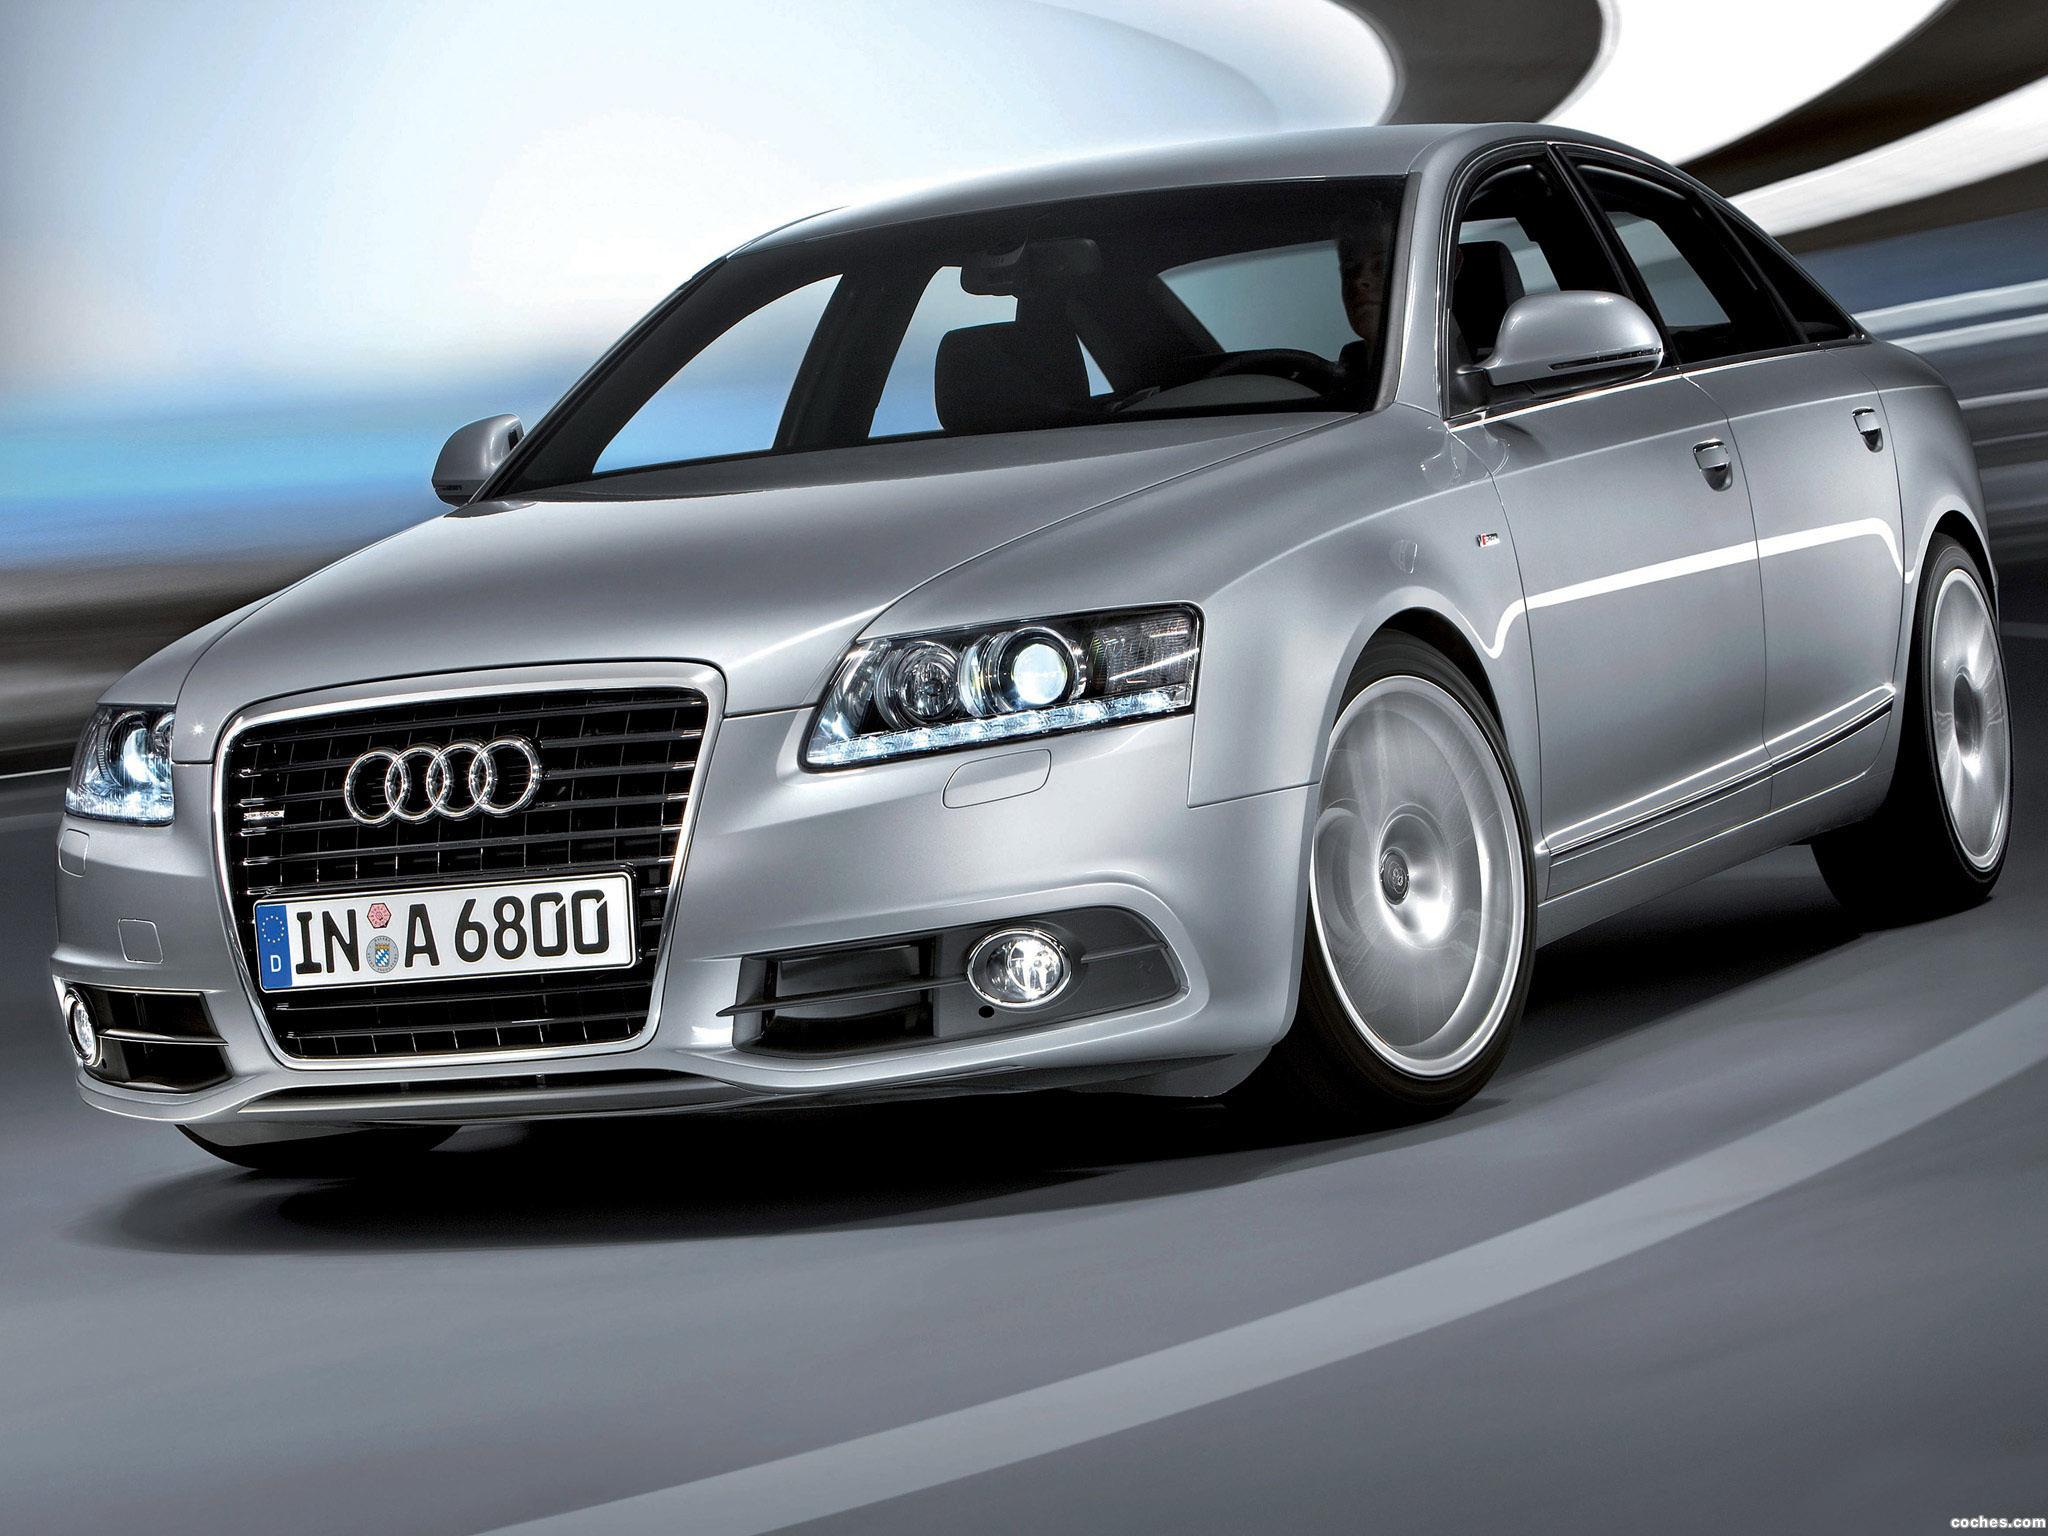 Foto 0 de Audi A6 2009